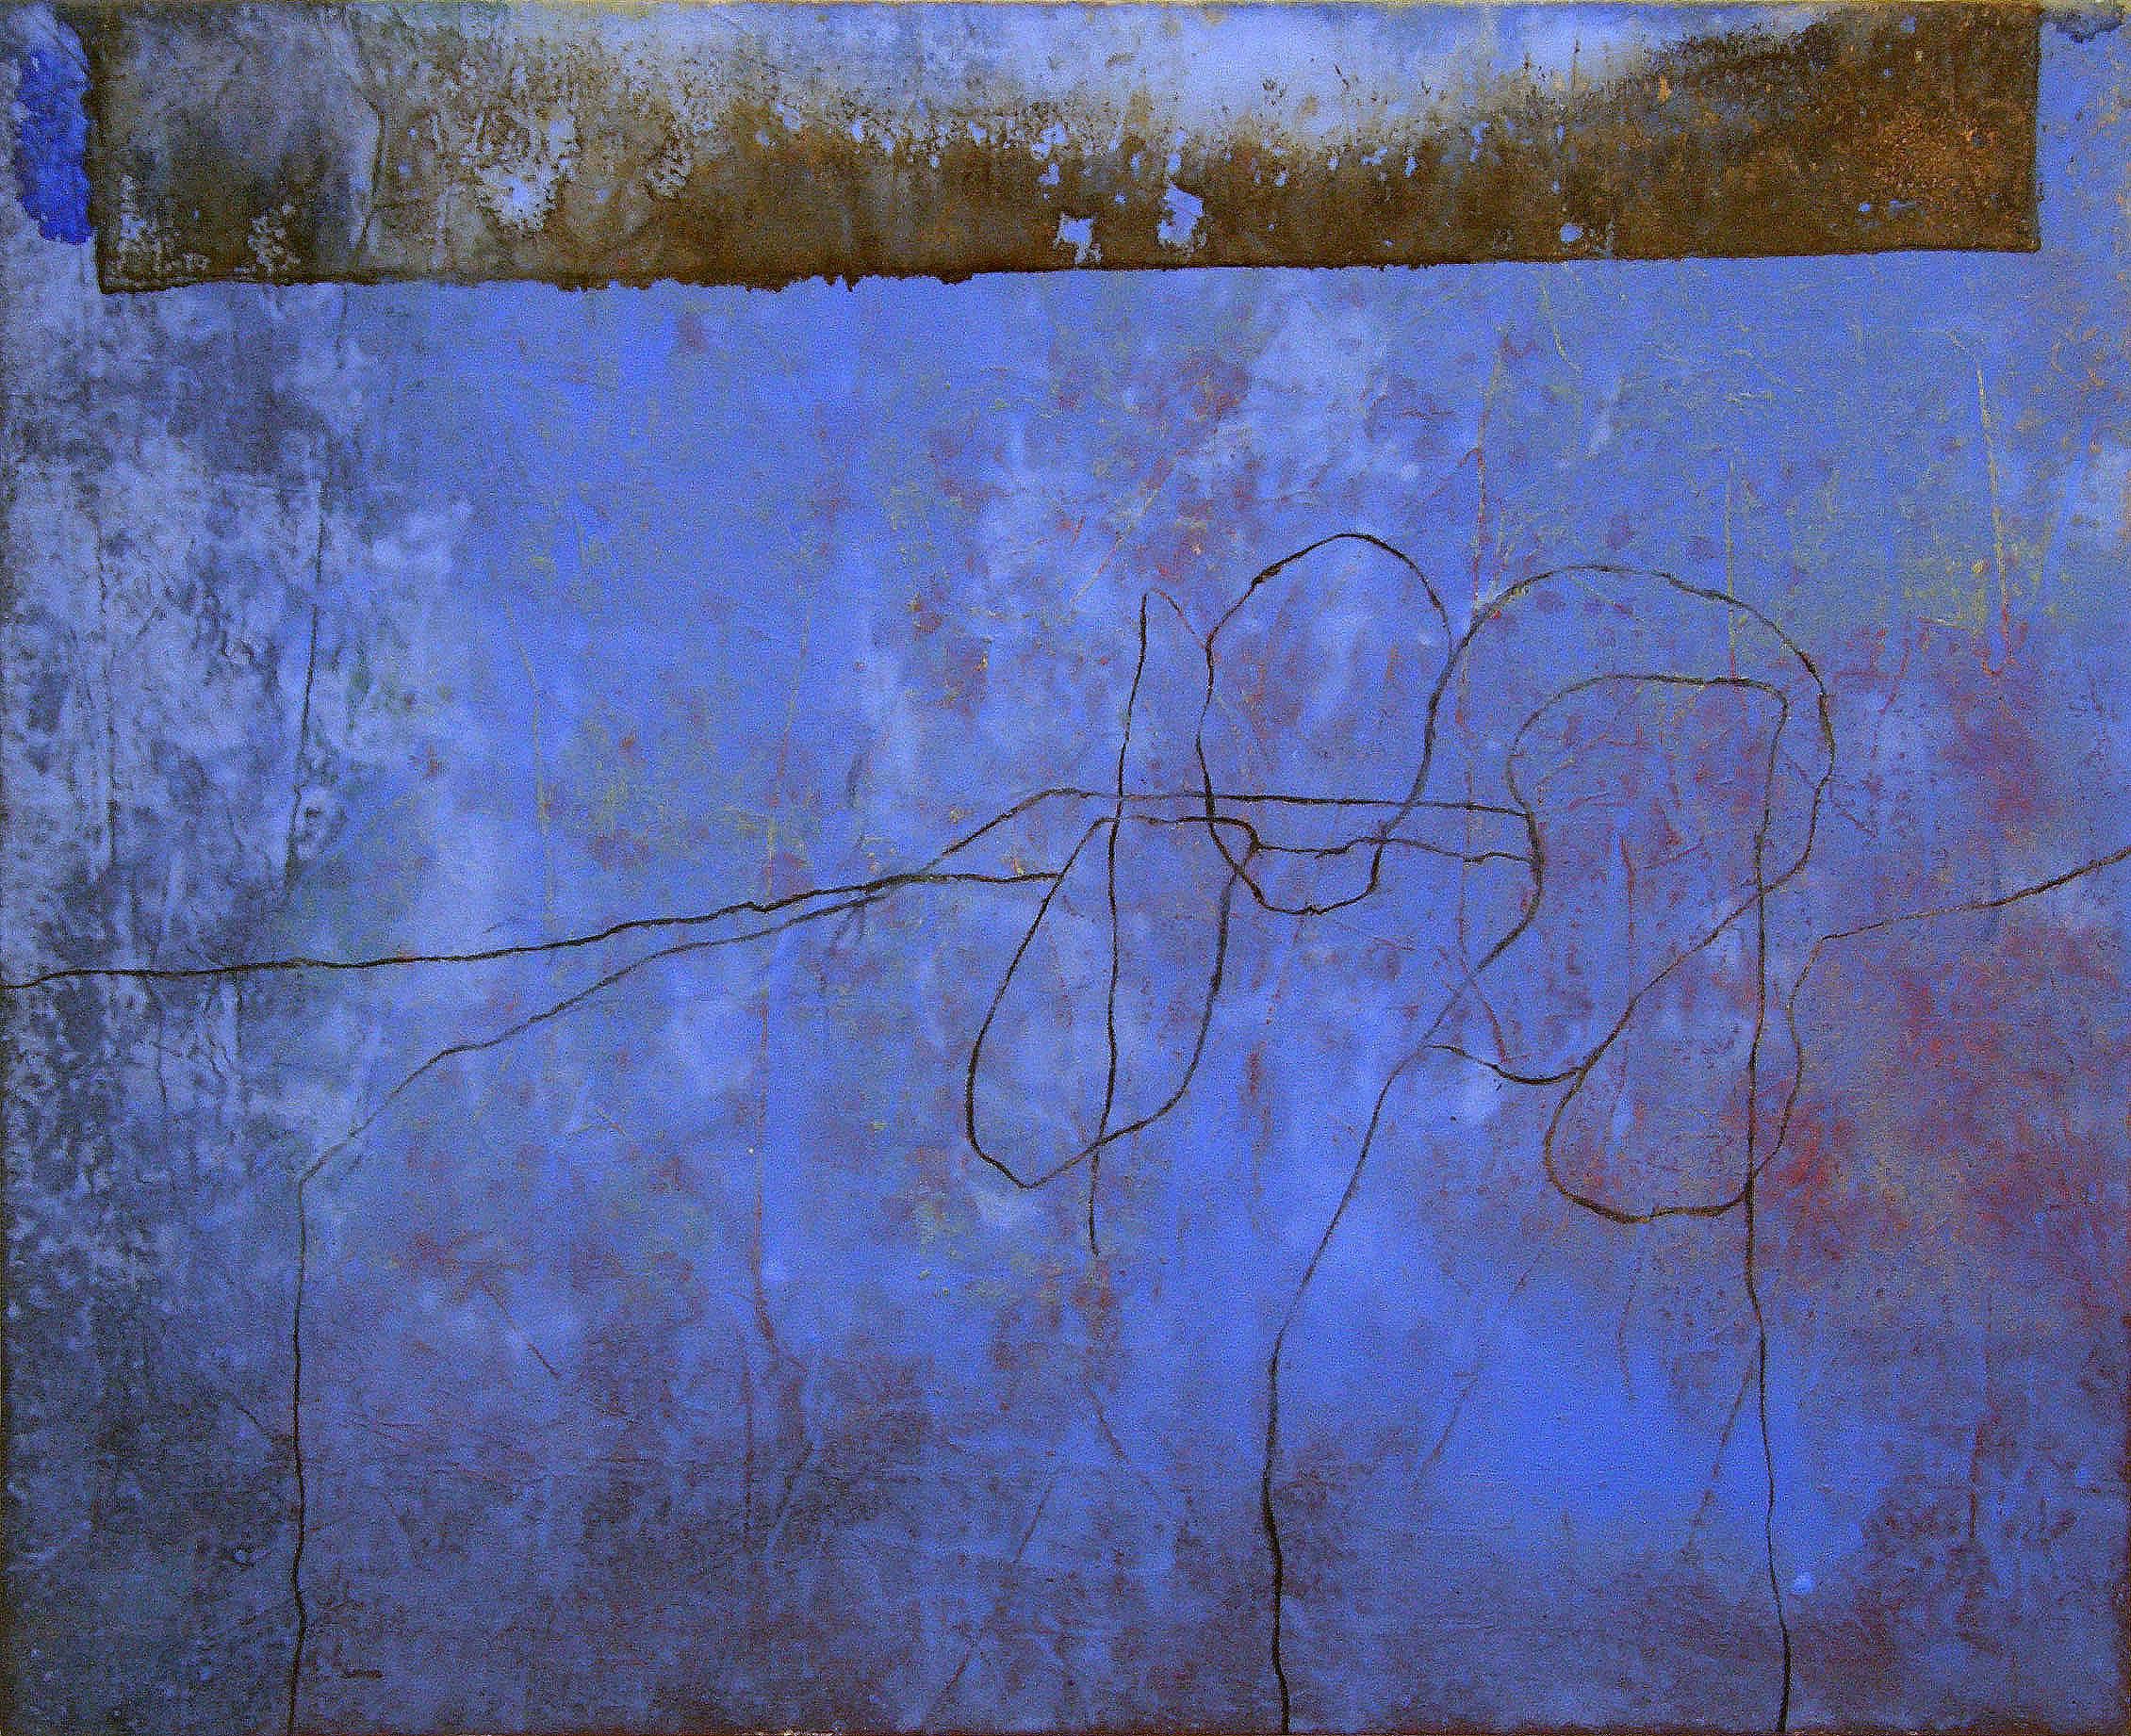 Sense títol,  pintura i carbó sobre tela, 130 x 155 centímetres, 2008